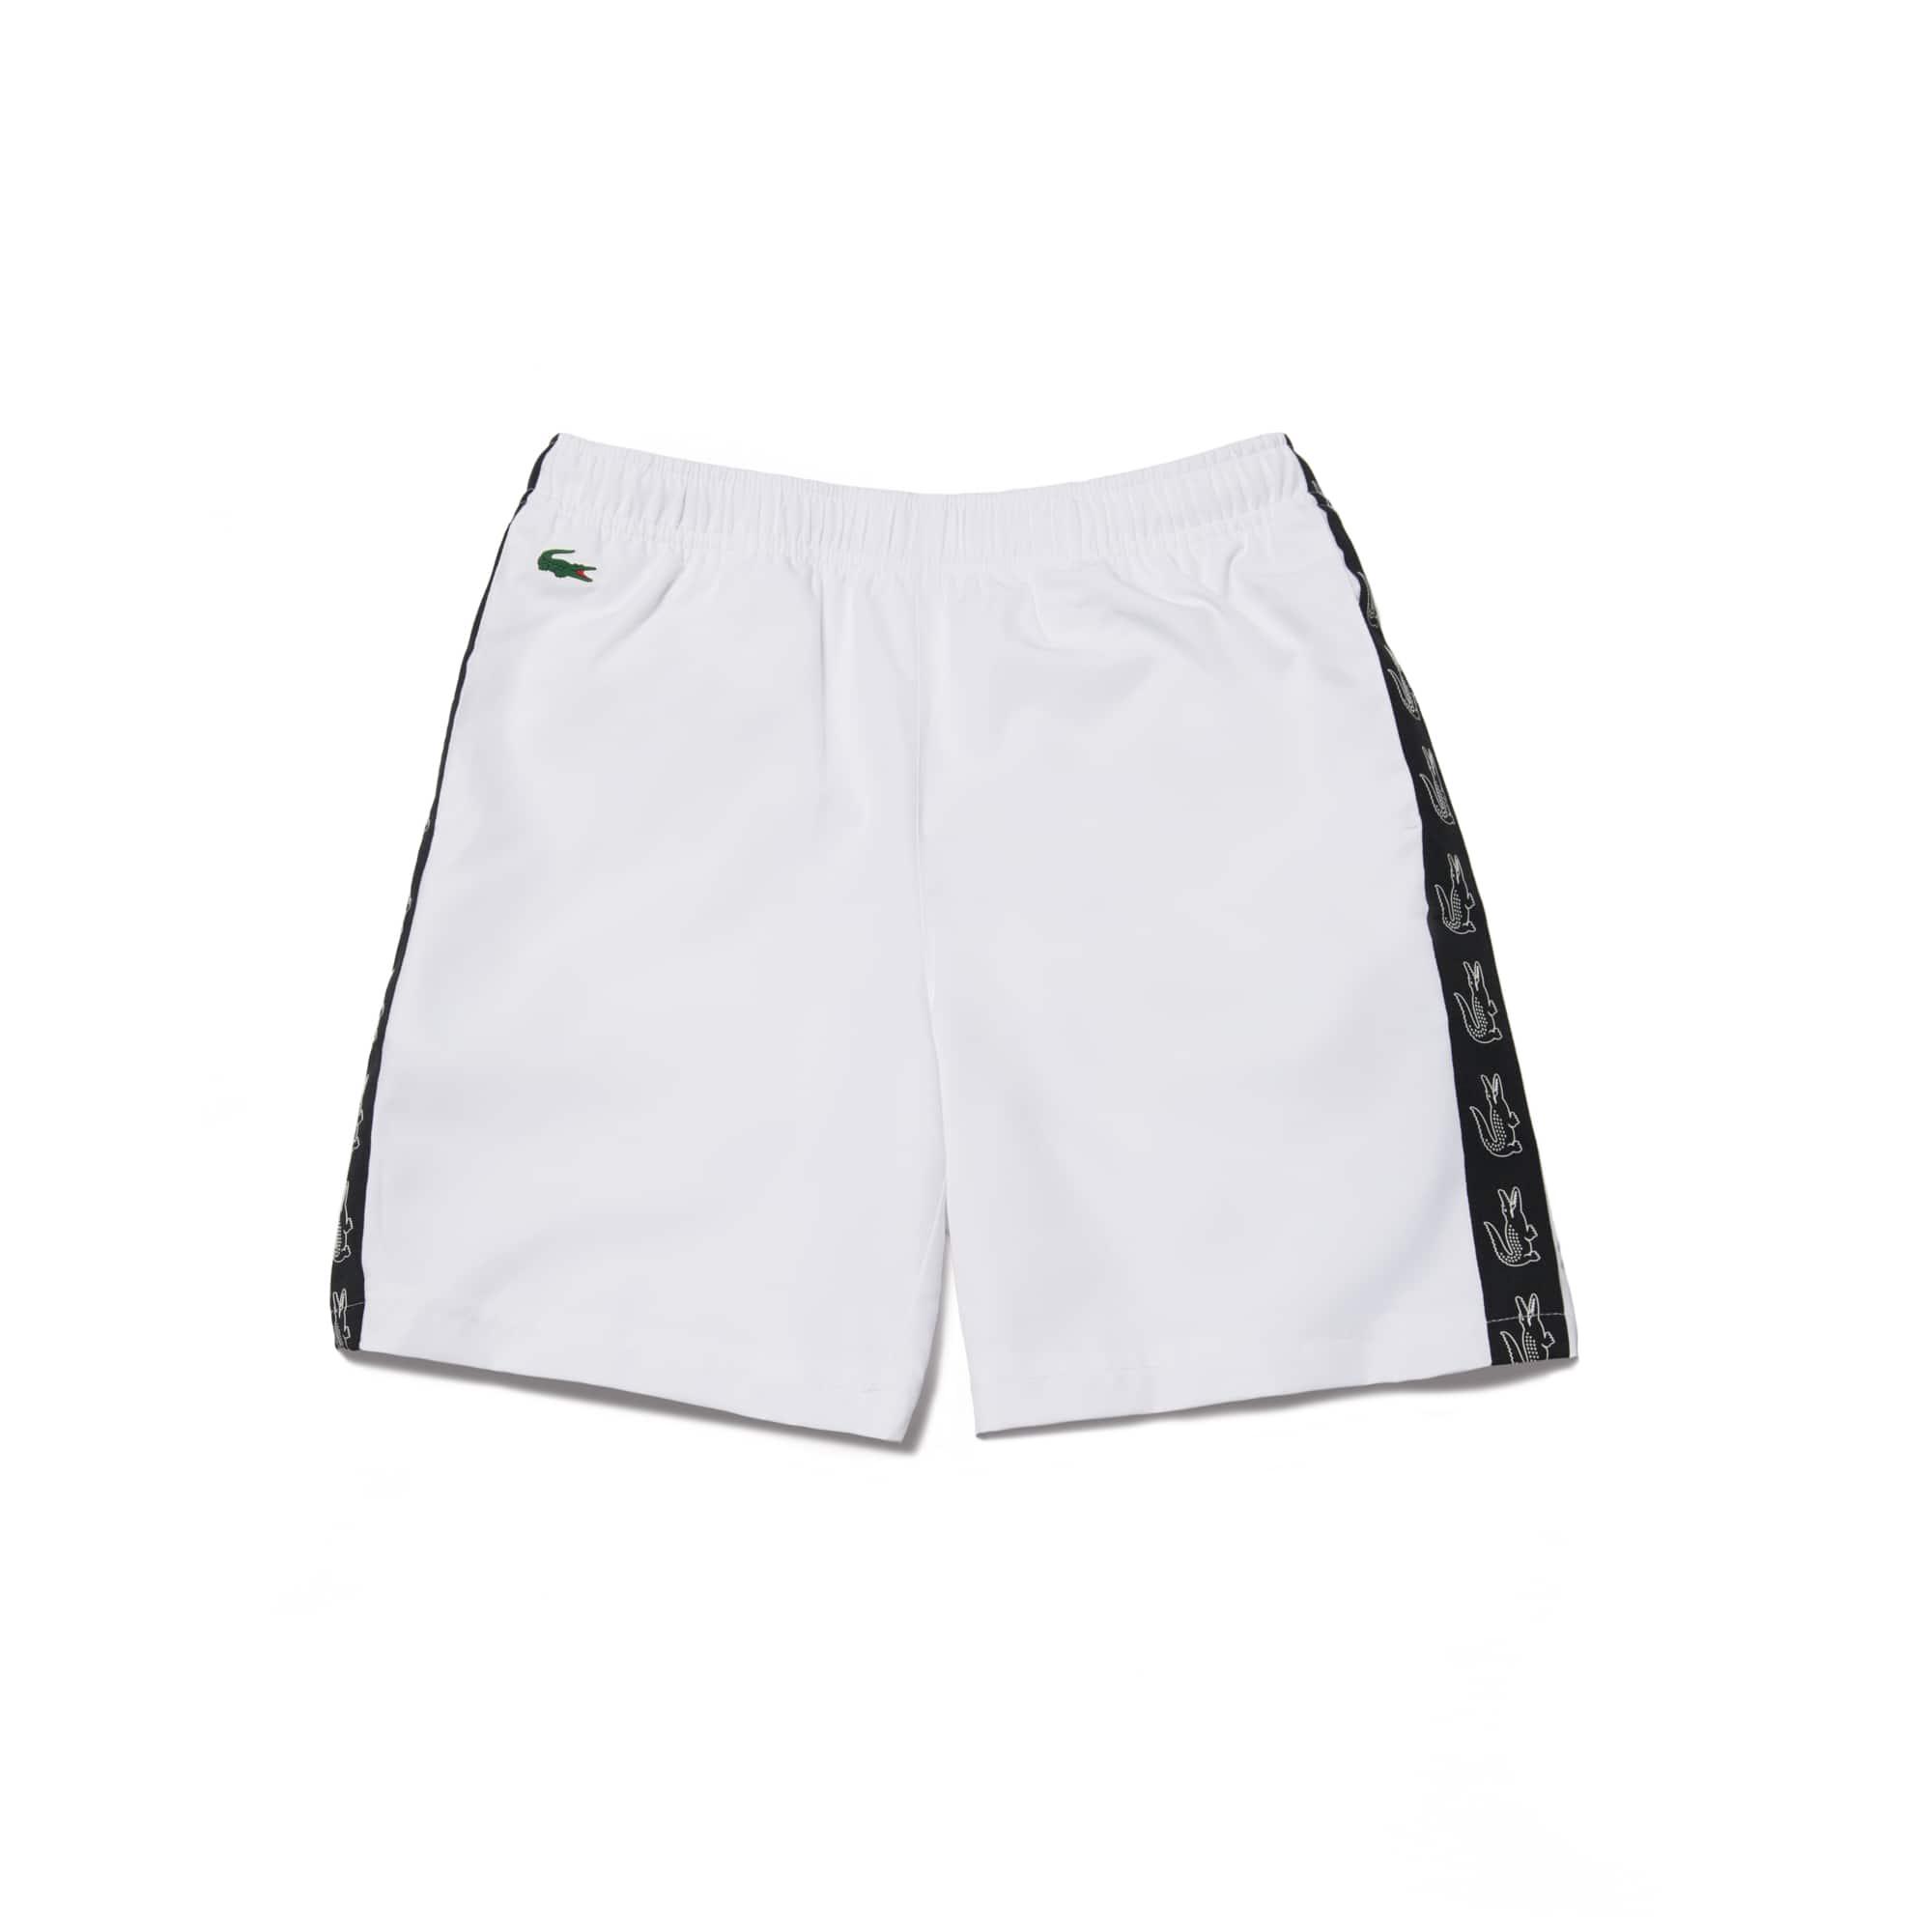 3134e0c81f + 3 couleurs · Short Garçon Tennis Lacoste SPORT avec bande imprimée  crocodiles. 44,00 € - 63 ...